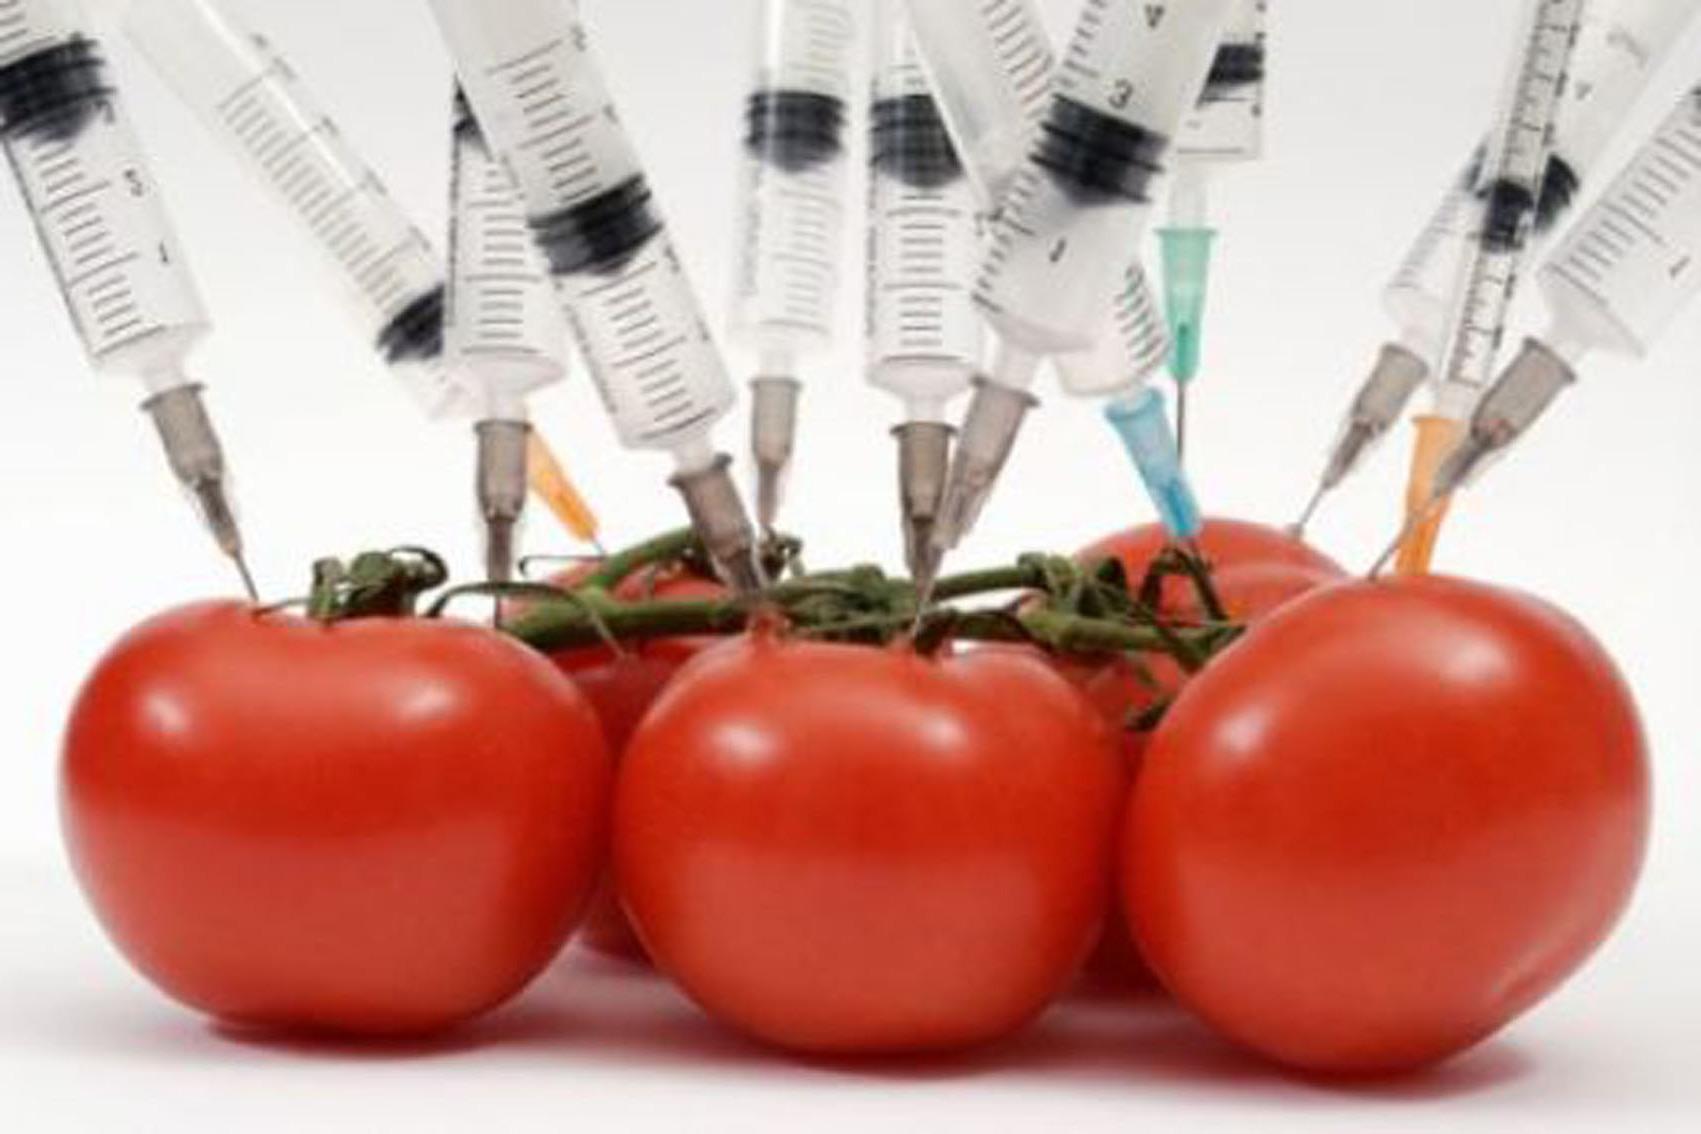 Alimentos Transgênicos: Conheça Mais Sobre os Alimentos Transgênicos e Seus Benefícios